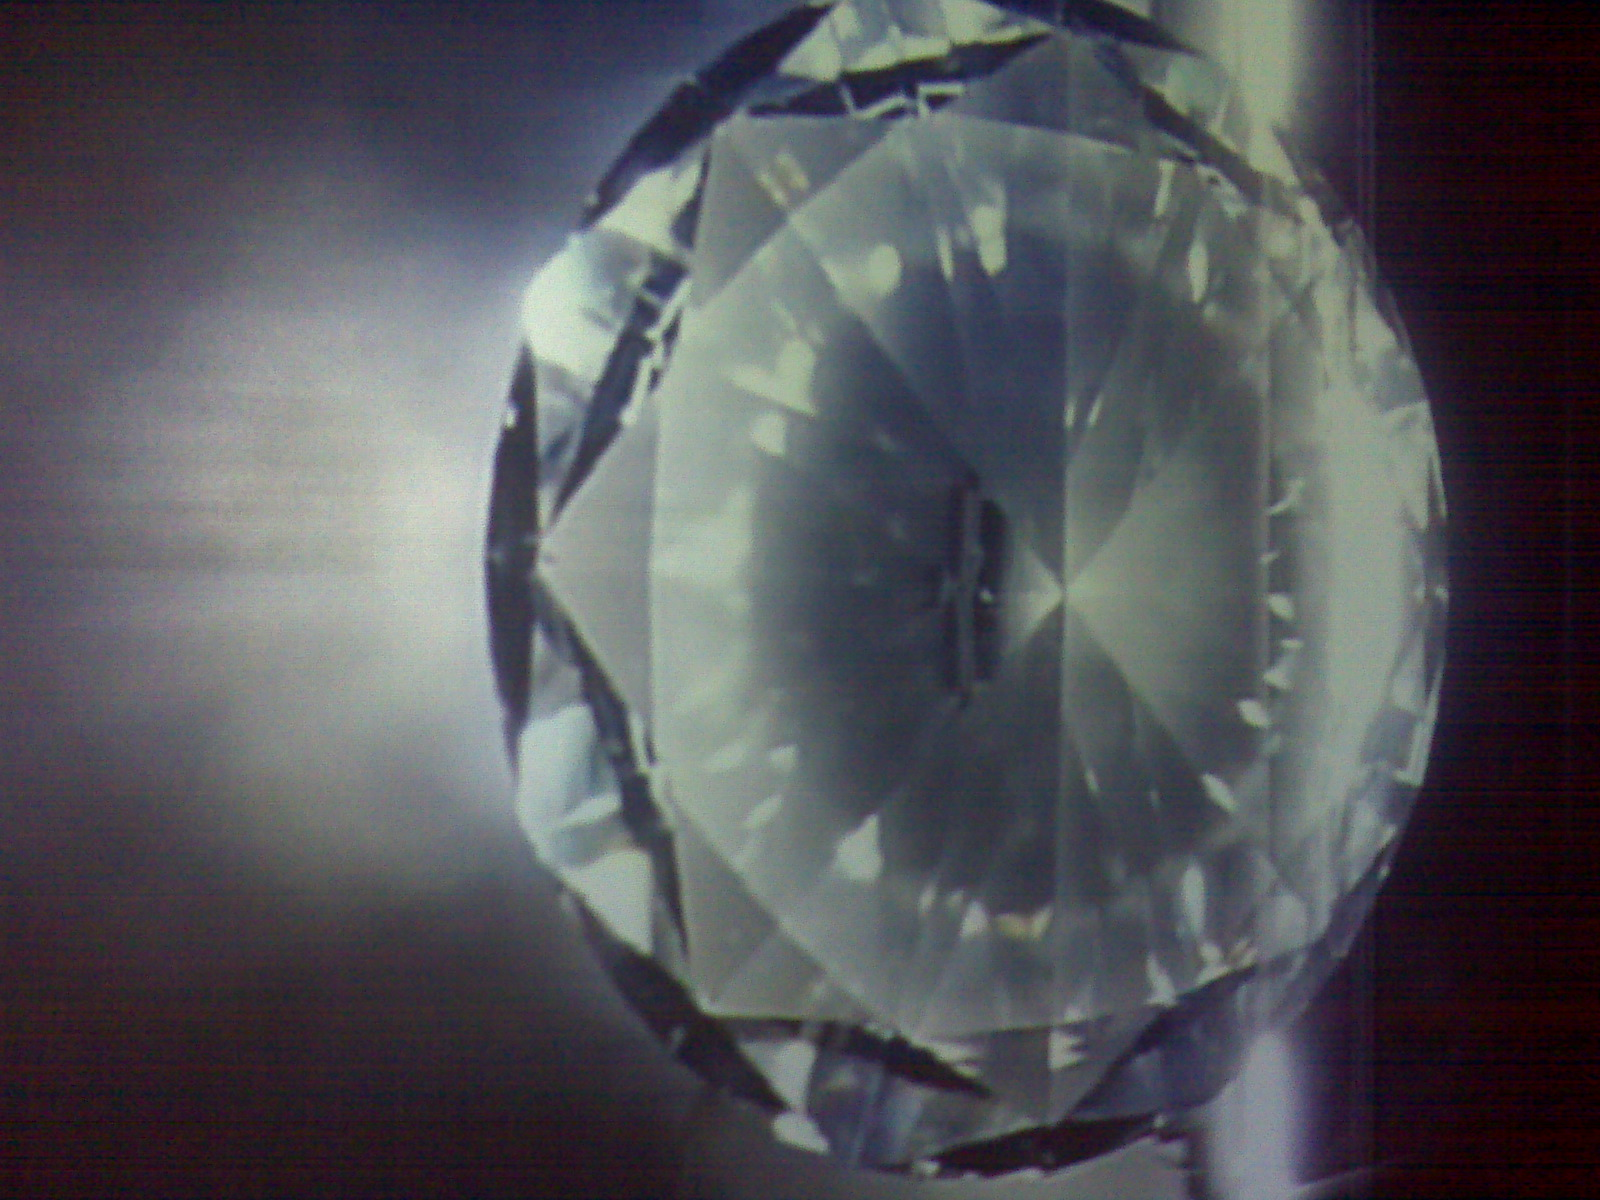 swarovski installation - crystals in the dark